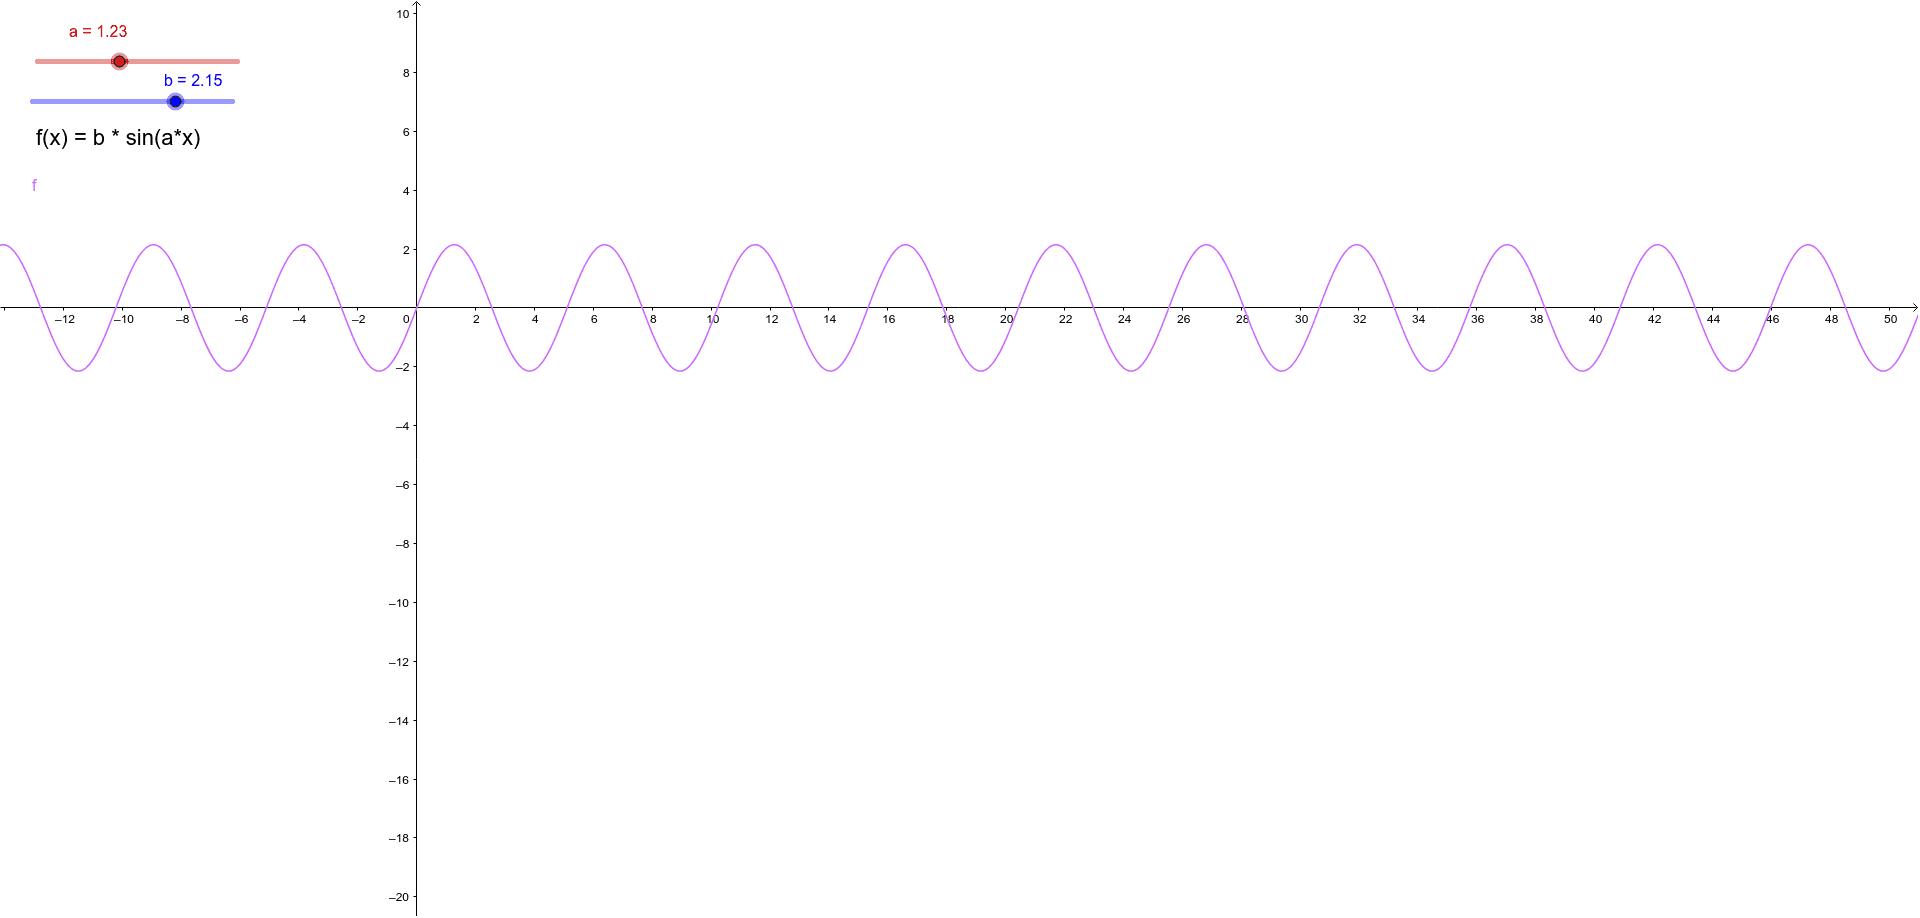 f(x) = b * sin(a * x) ist die allgemeine Form der Sinusfunktion. Beobachte wie sich die Funktion verändert wenn sich die Parameter ändern.